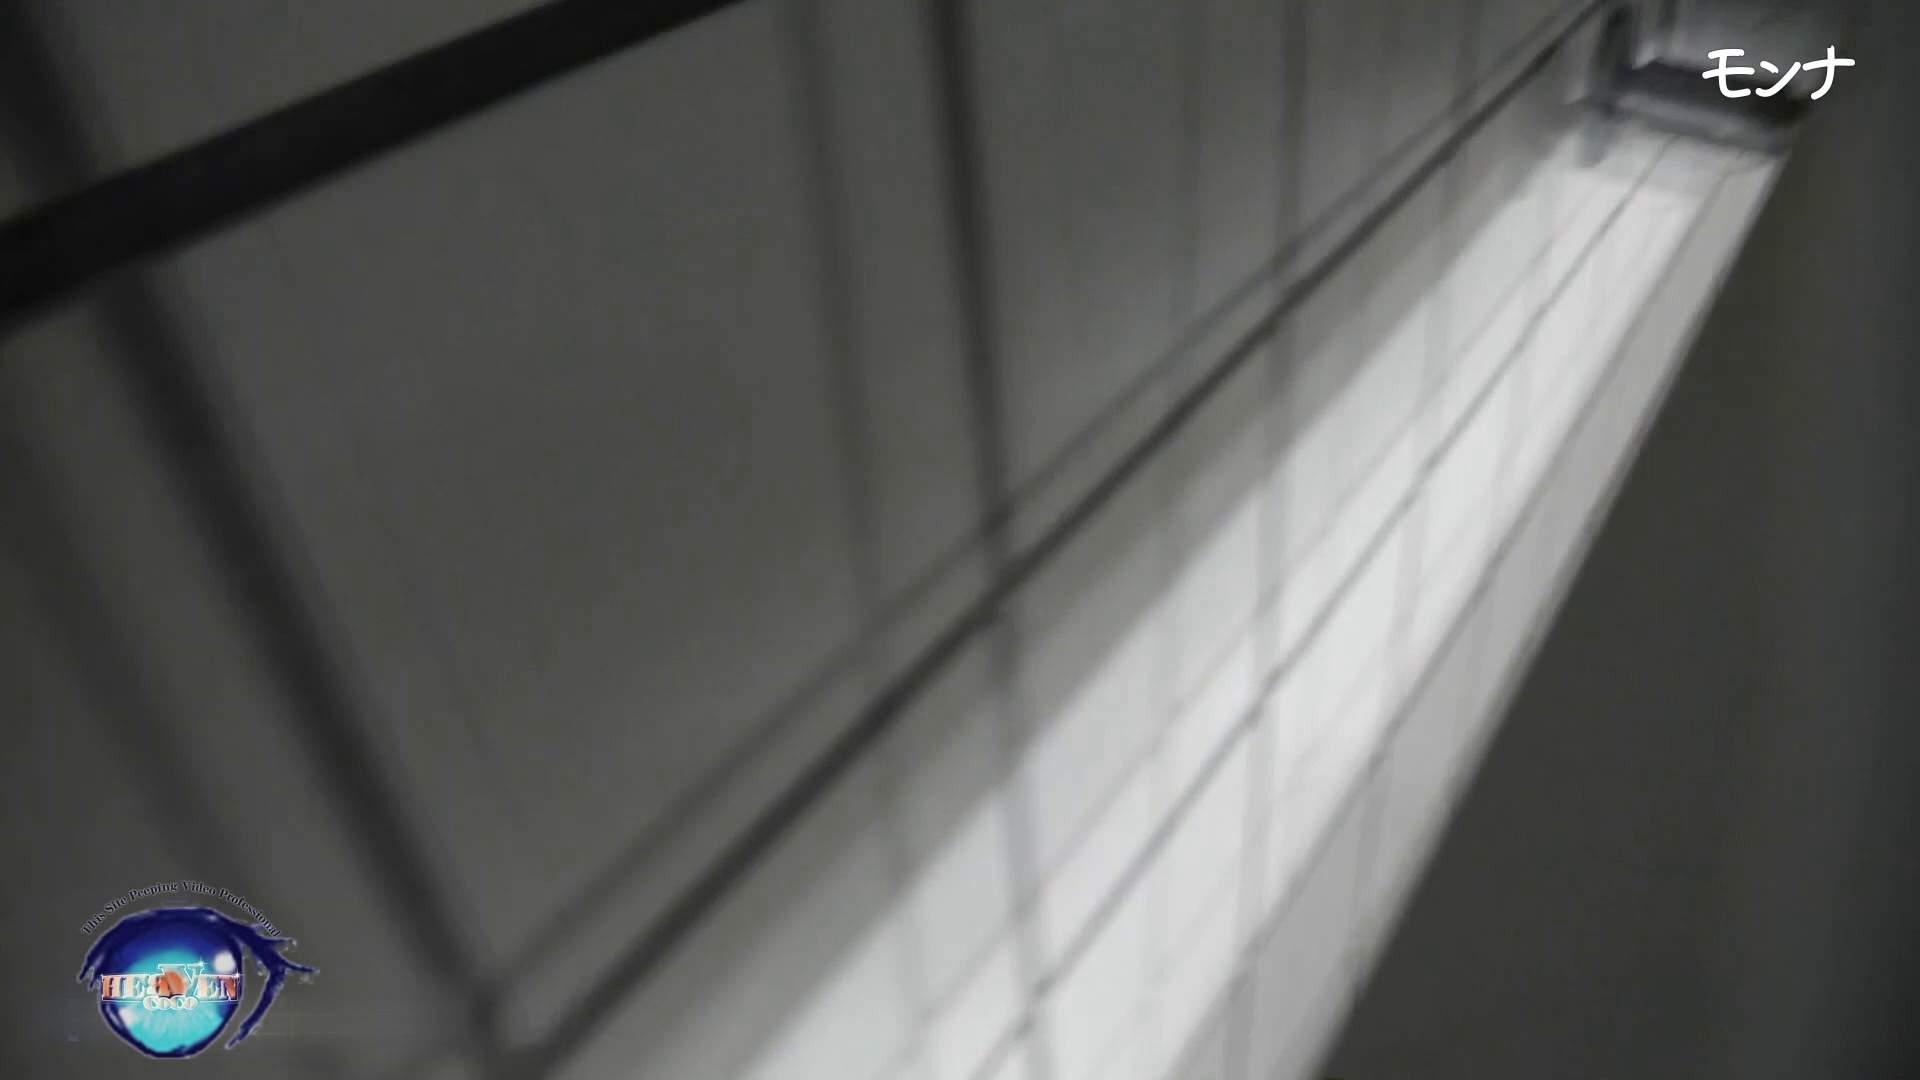 【美しい日本の未来】美しい日本の未来 No.74 盗撮   覗き  59pic 52